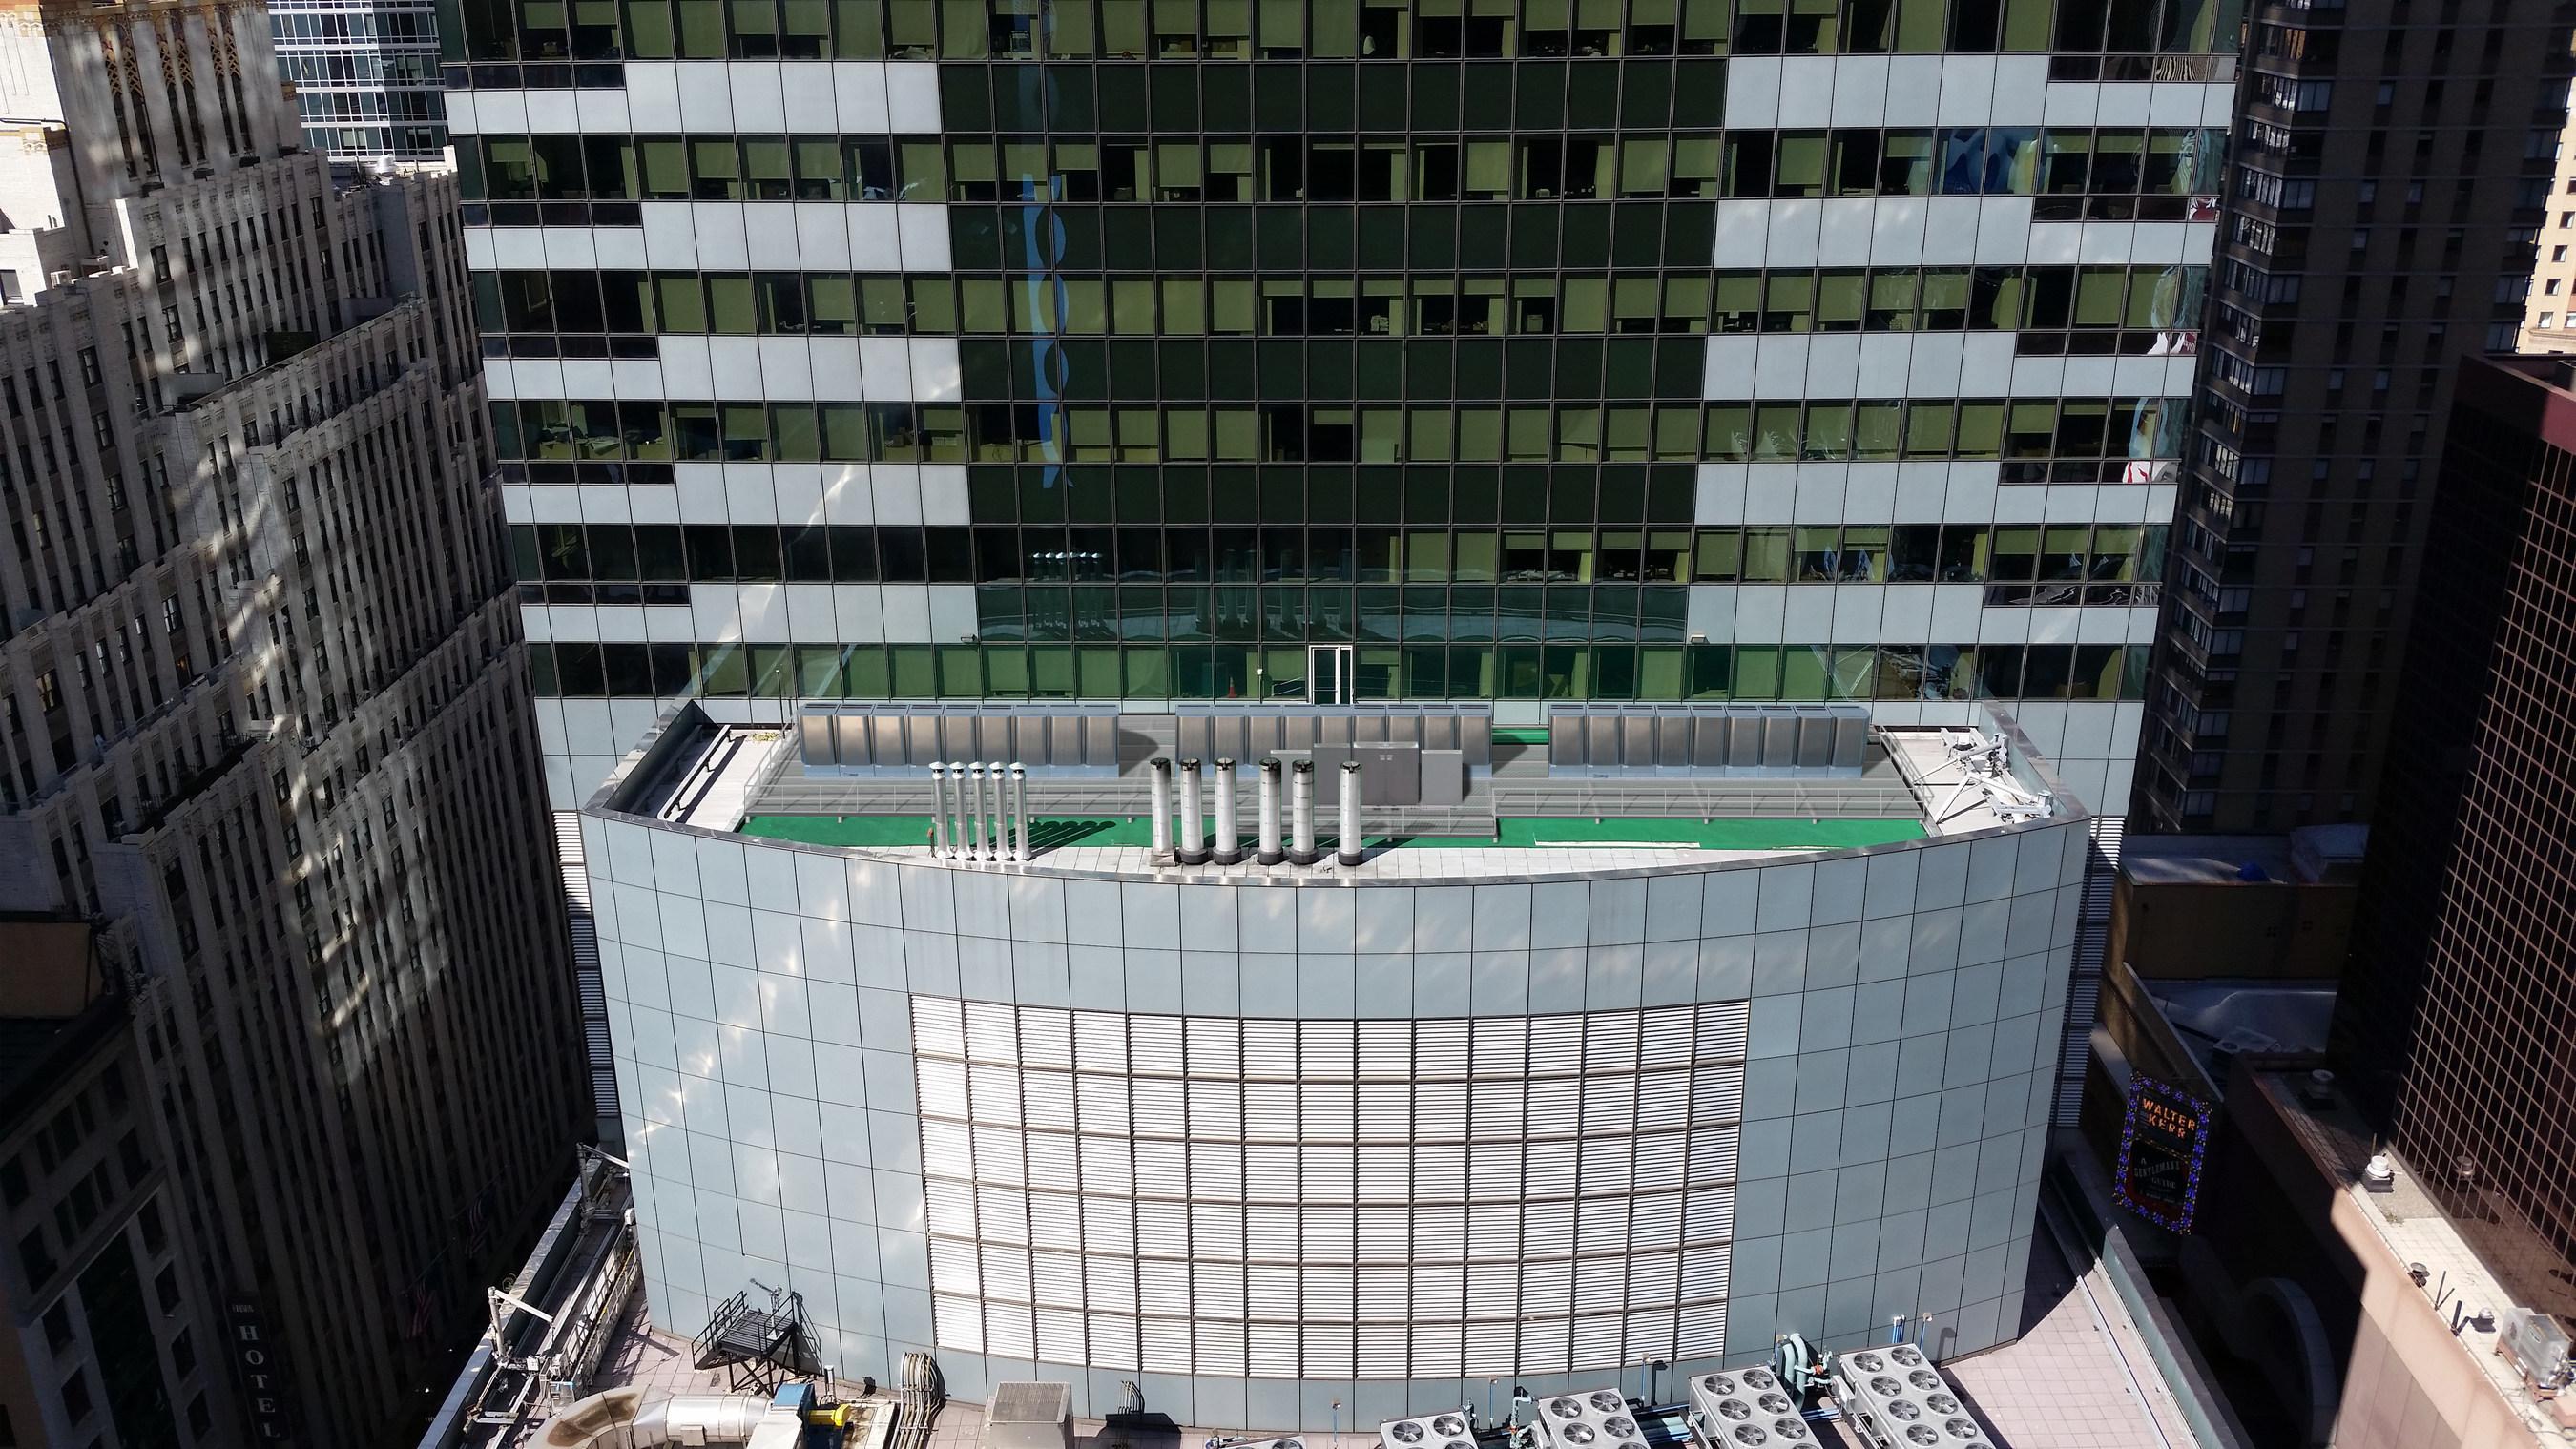 Rendering of Bloom Energy Servers at Morgan Stanley Headquarters